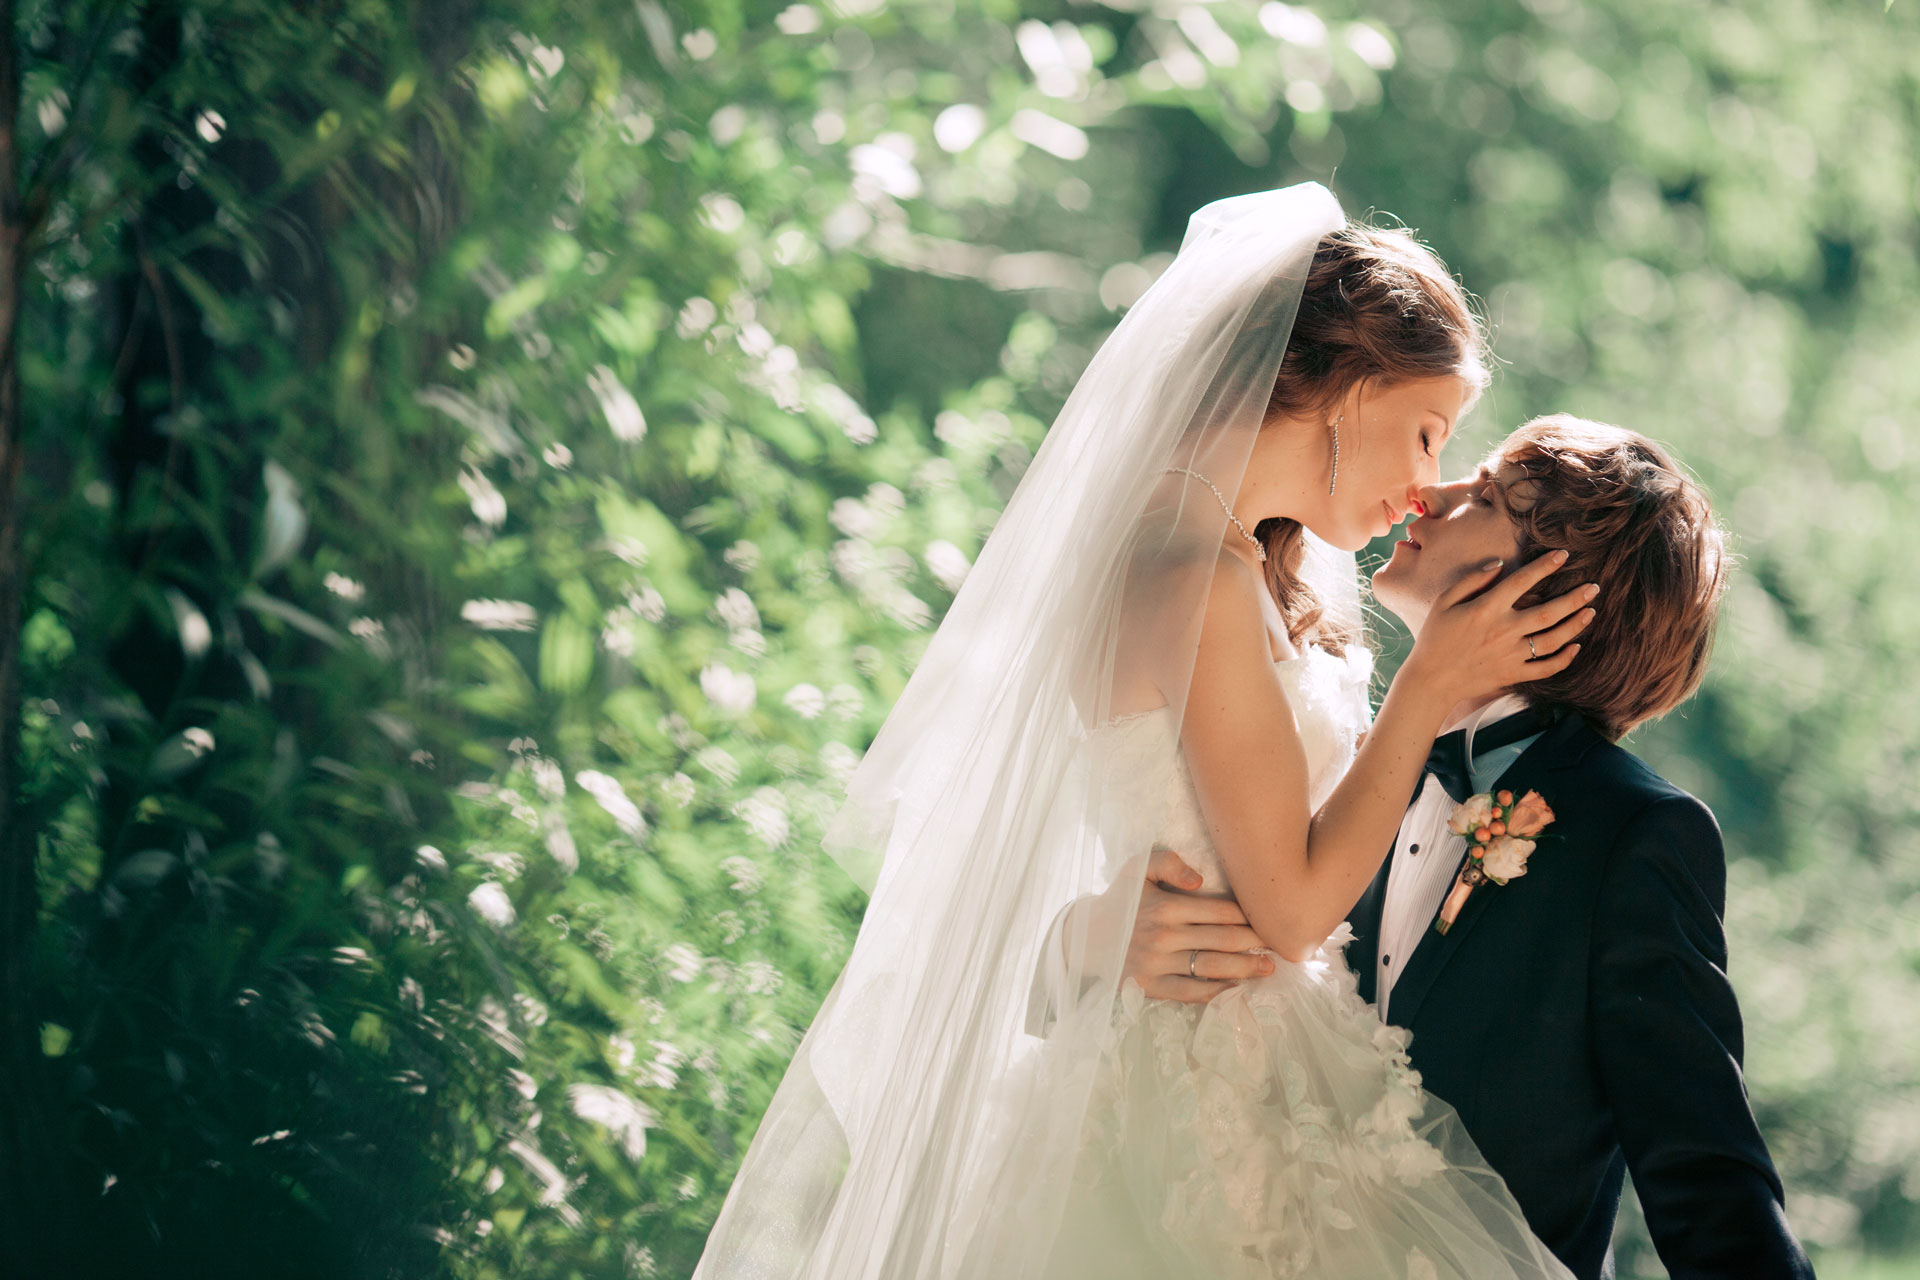 Лилия Горланова: 10 советов невестам от свадебного фотографа и организатора фото 11